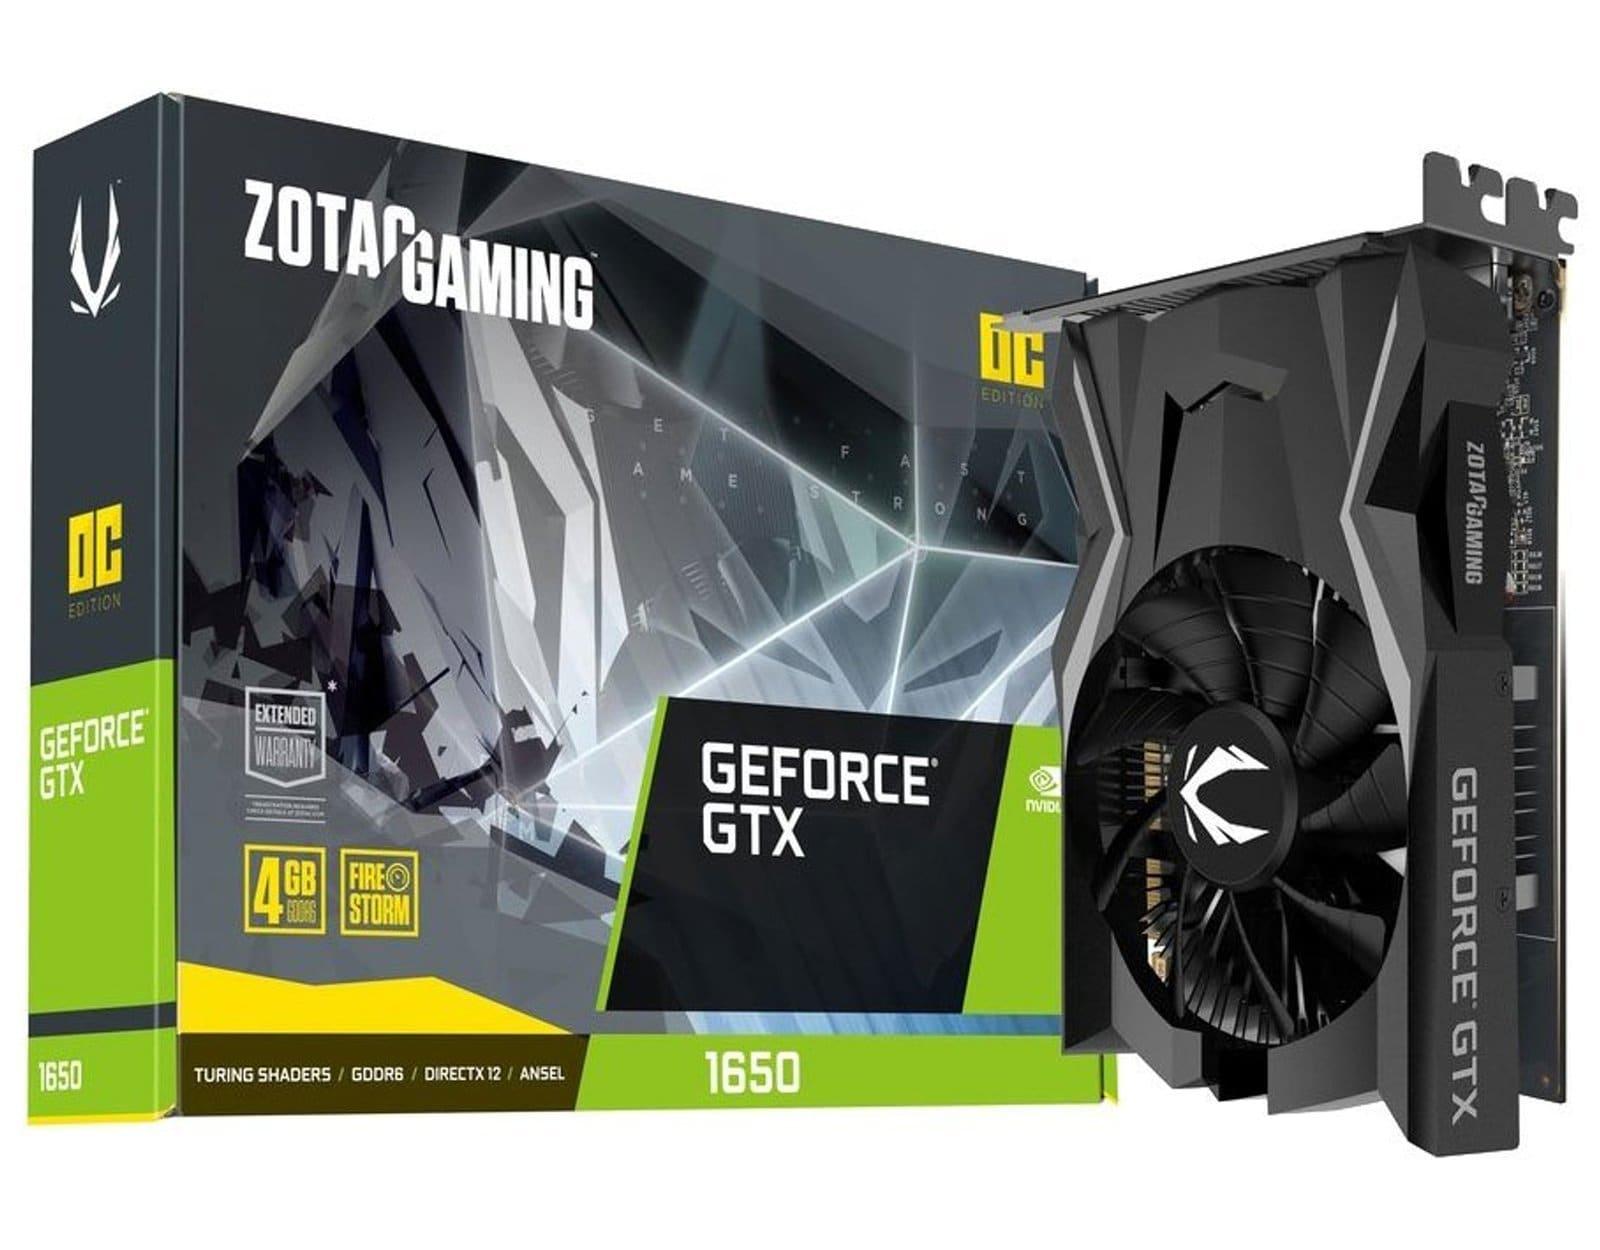 Komputer gamingowy Intel Core i5-10400F / Zotac GeForce GTX 1650 4GB / 240GB SSD / 16GB DDR4 / WIN 10 PRO - 5